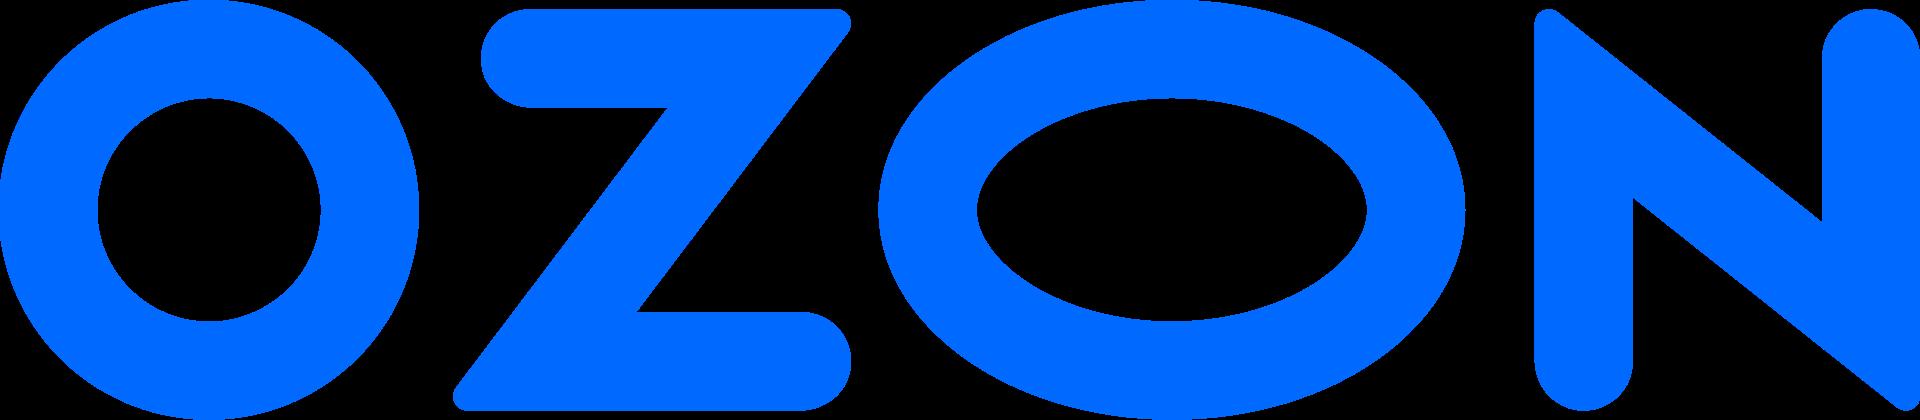 Файл:ОЗОН ЛОГО.png — Википедия